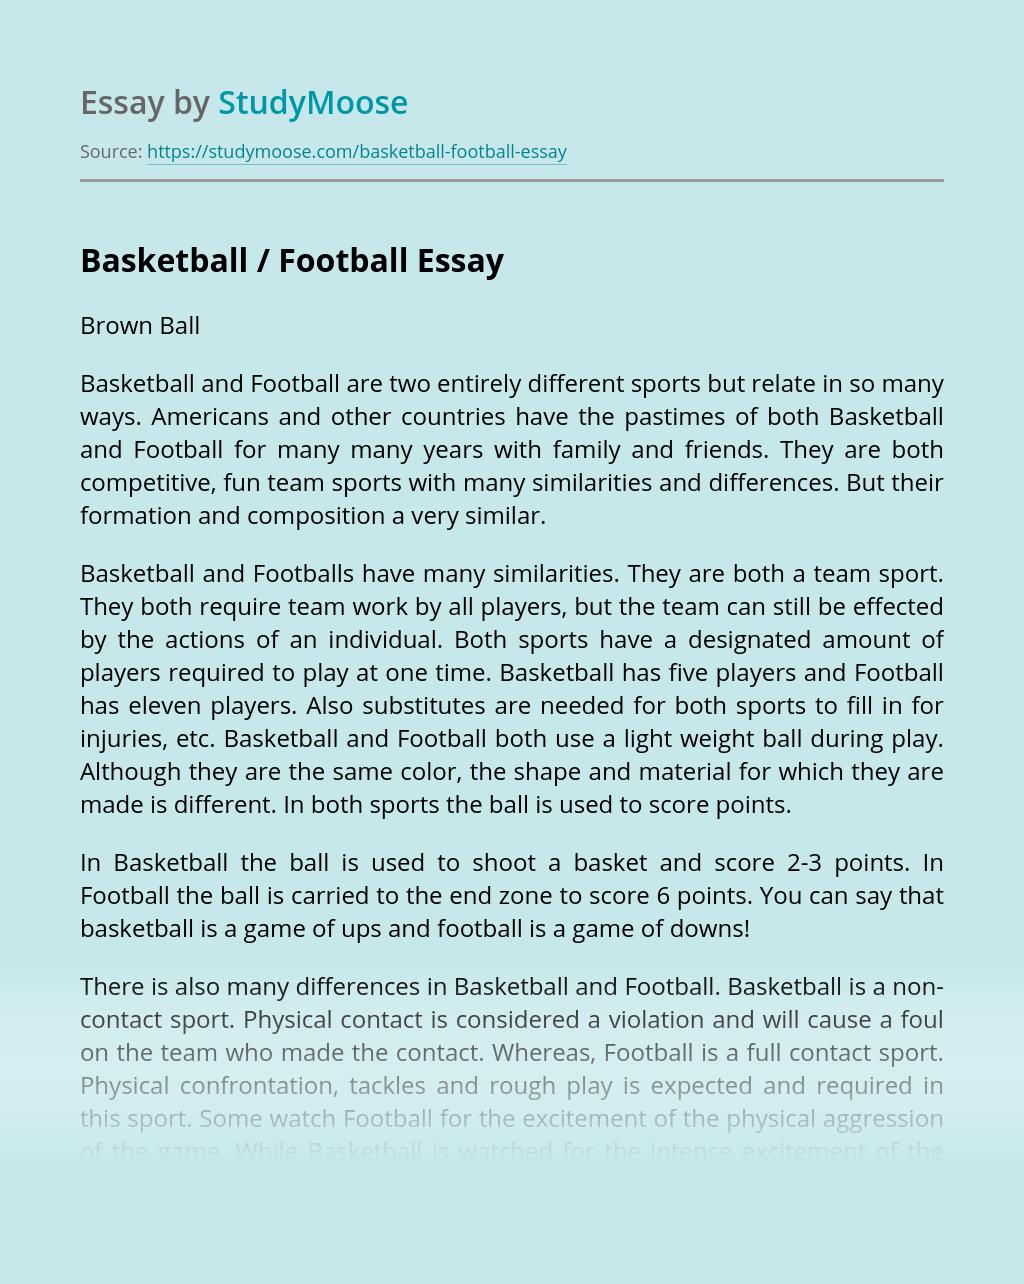 Basketball / Football